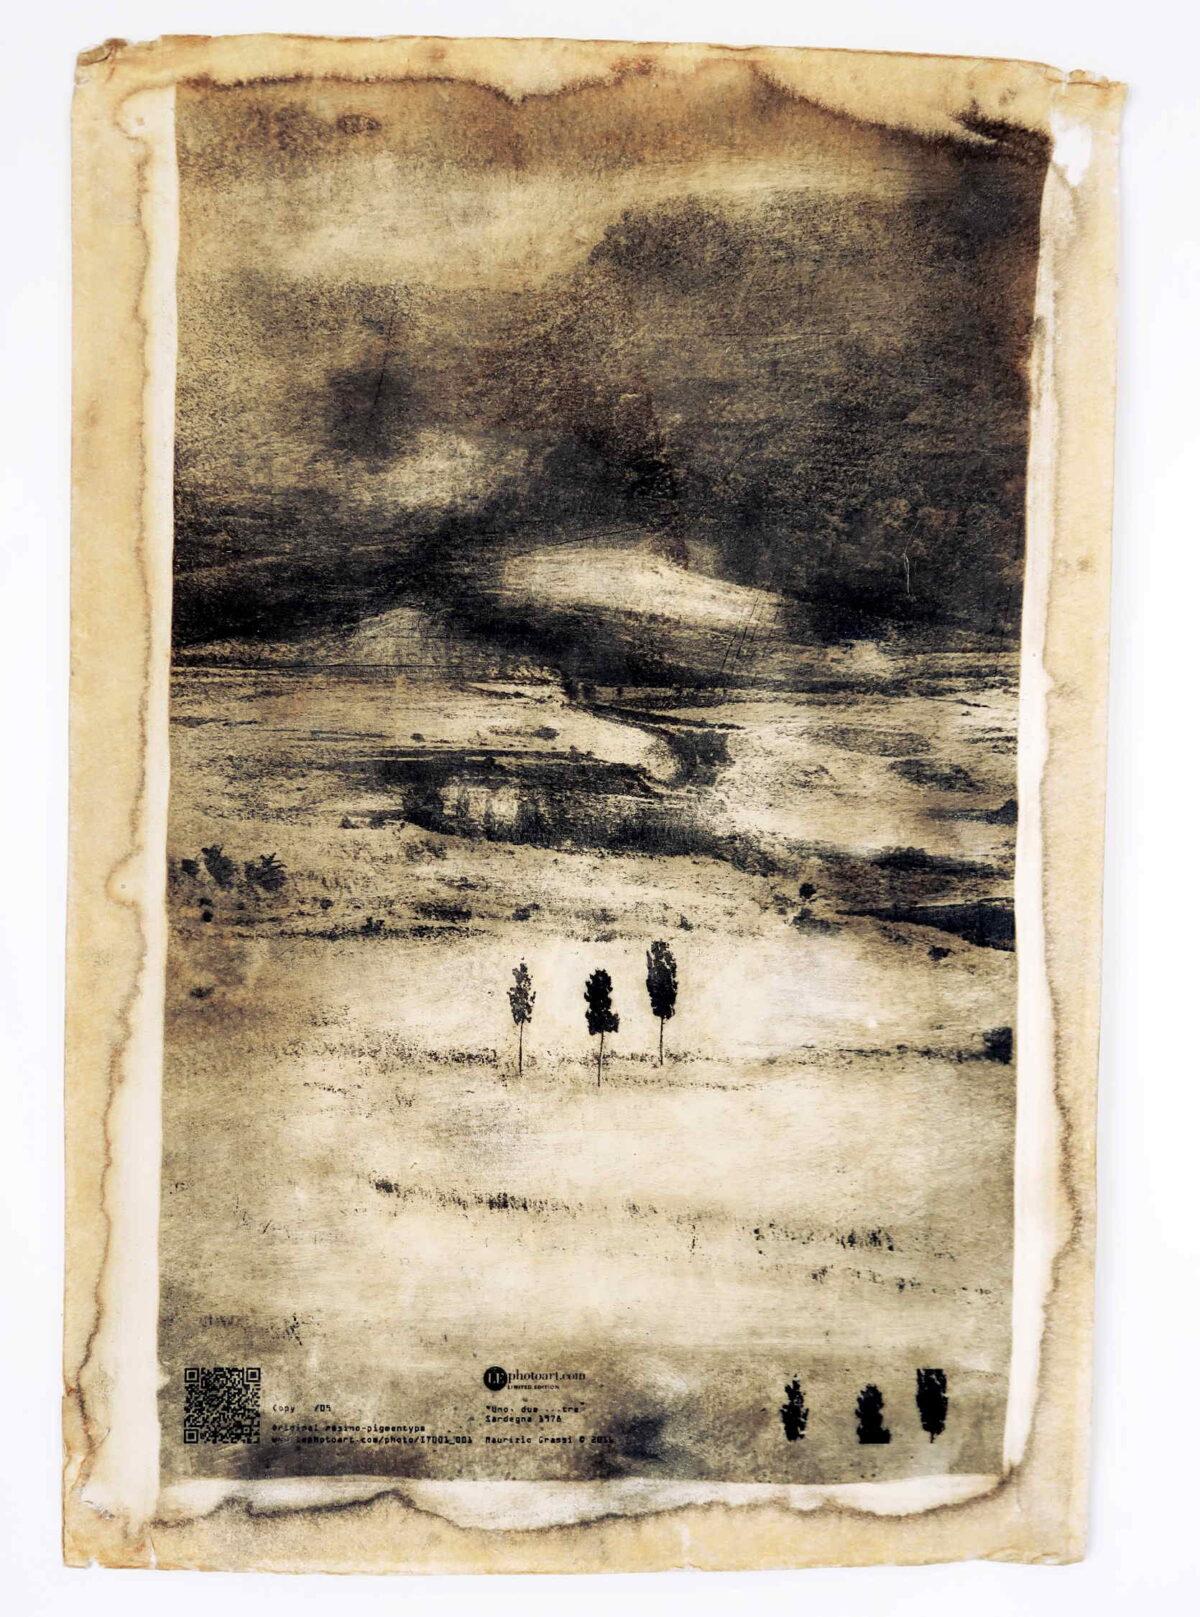 Foto paesaggio di Sardegna. Tre alberelli sopravvivono nell'arsura del paesaggio.